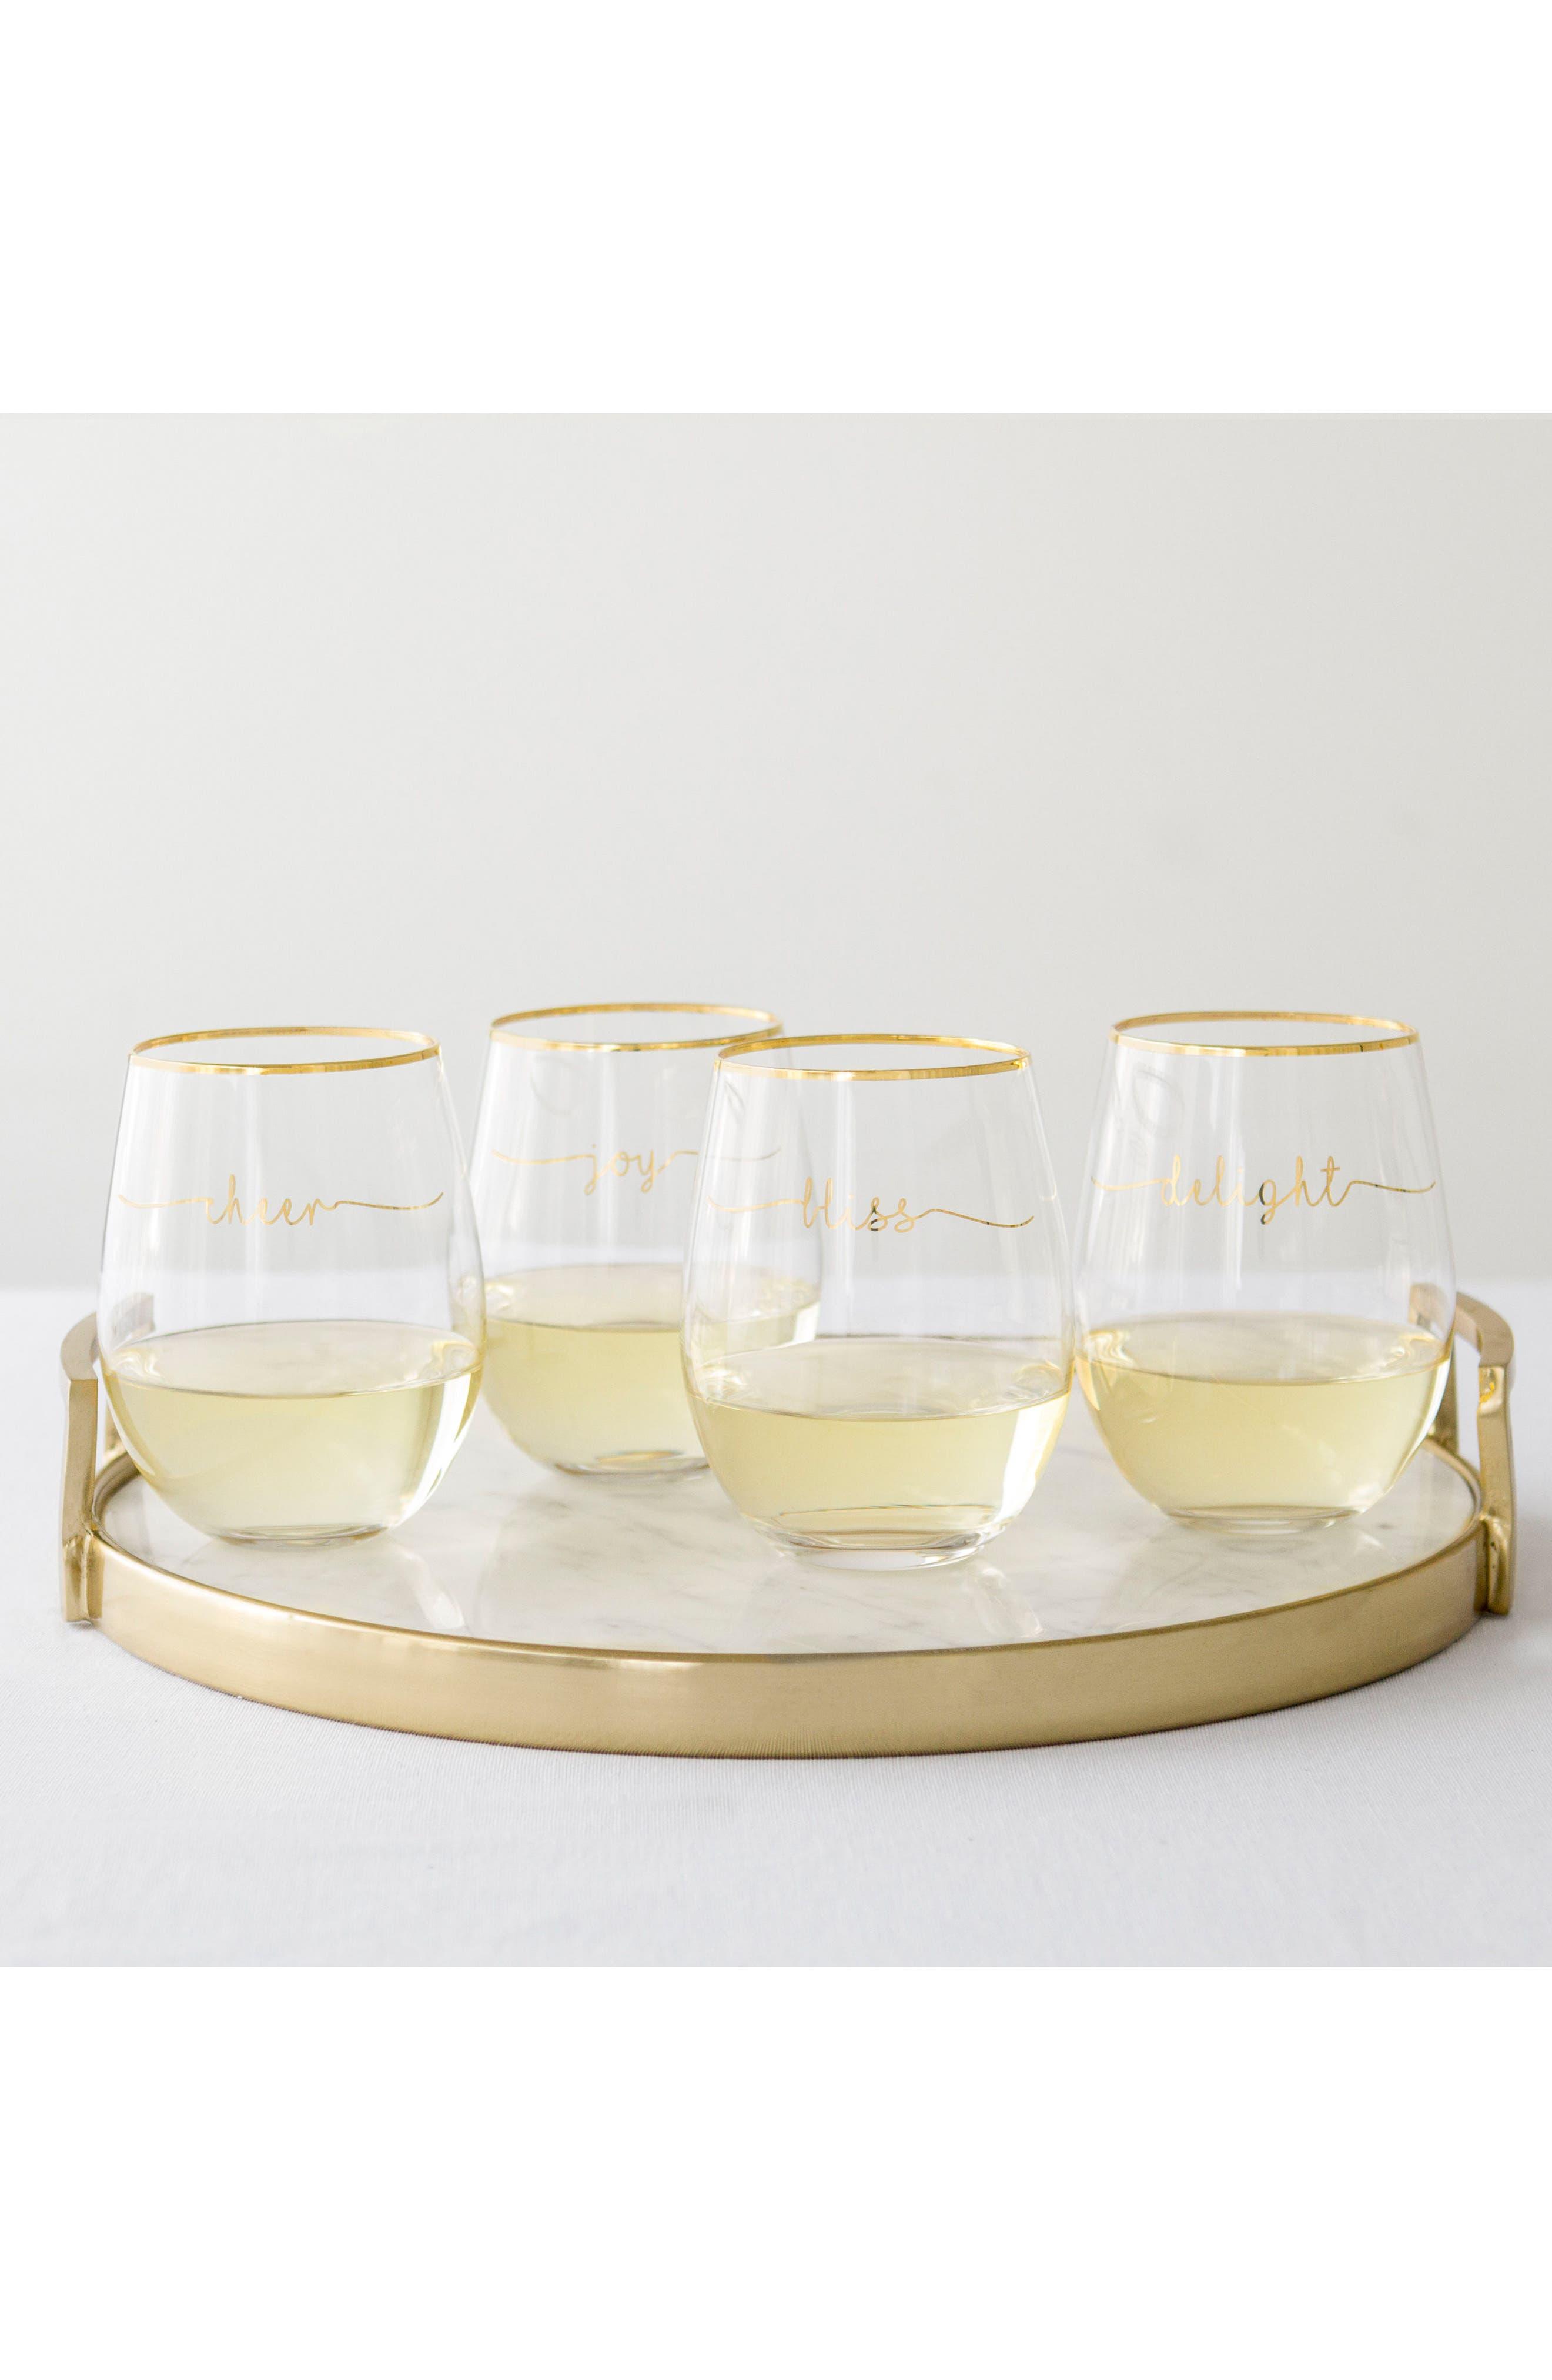 Bliss Set of 4 Stemless Wine Glasses,                             Alternate thumbnail 3, color,                             GOLD